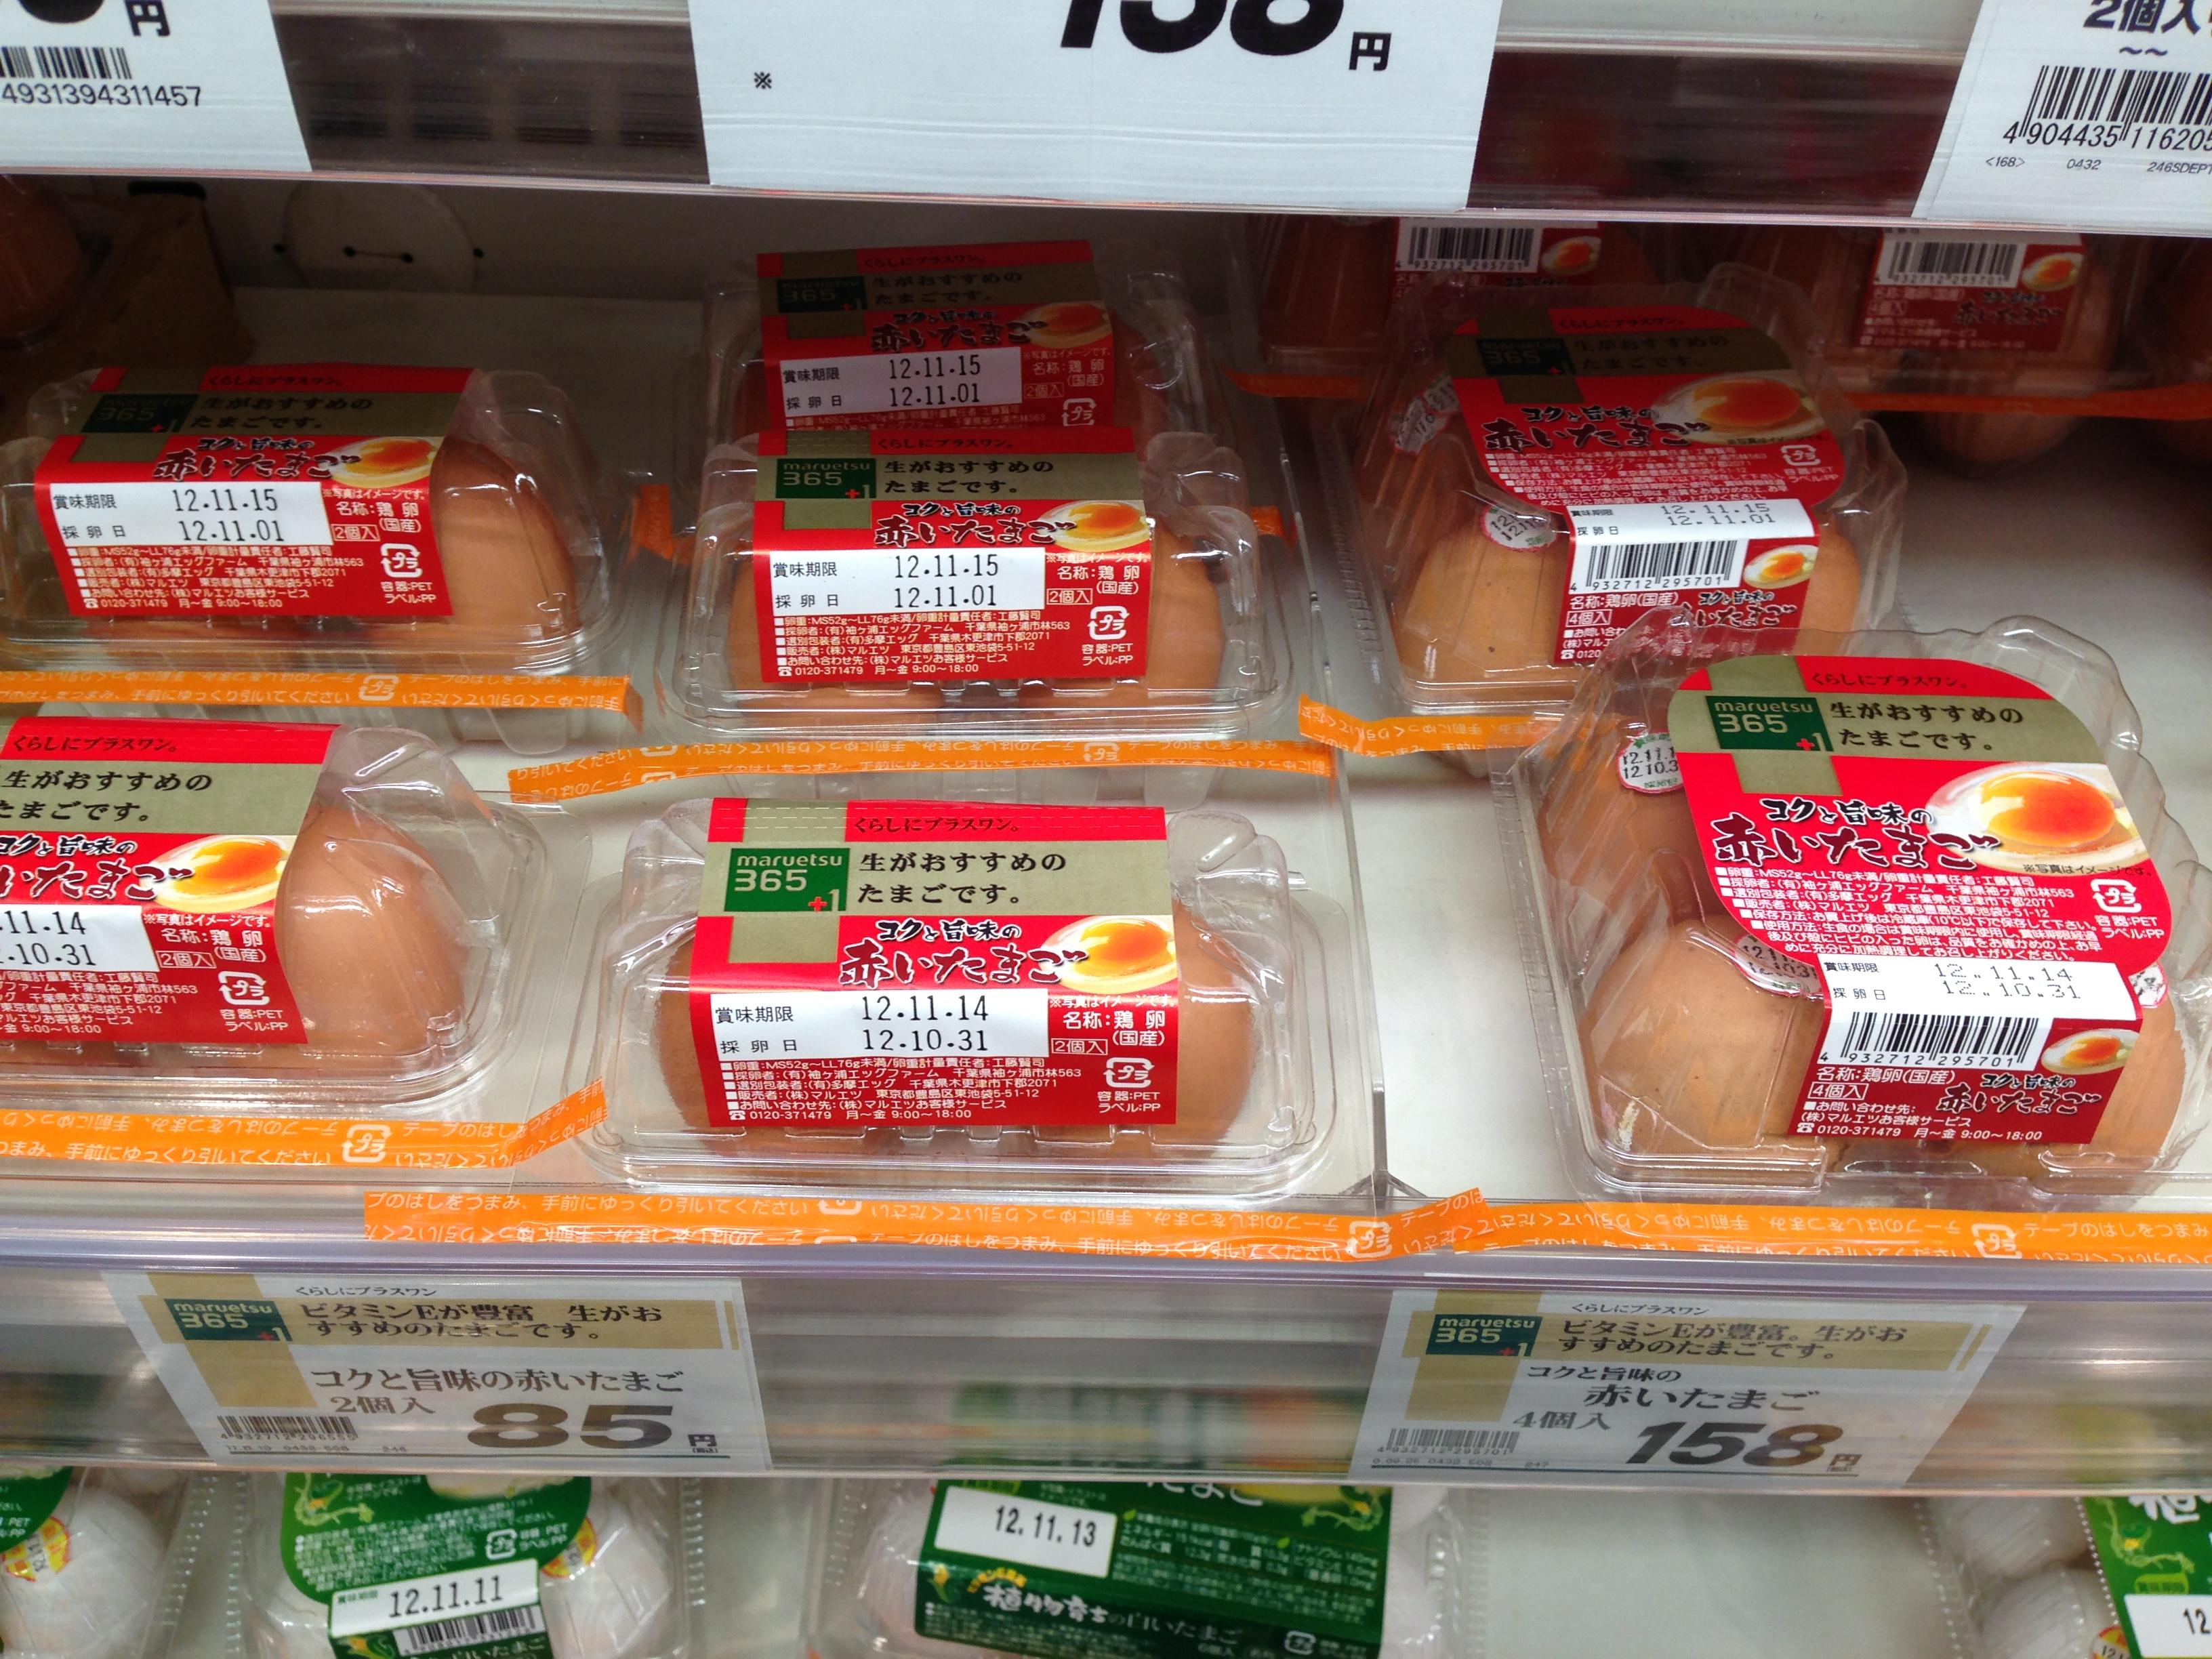 Pack de 2 huevos en el supermercado